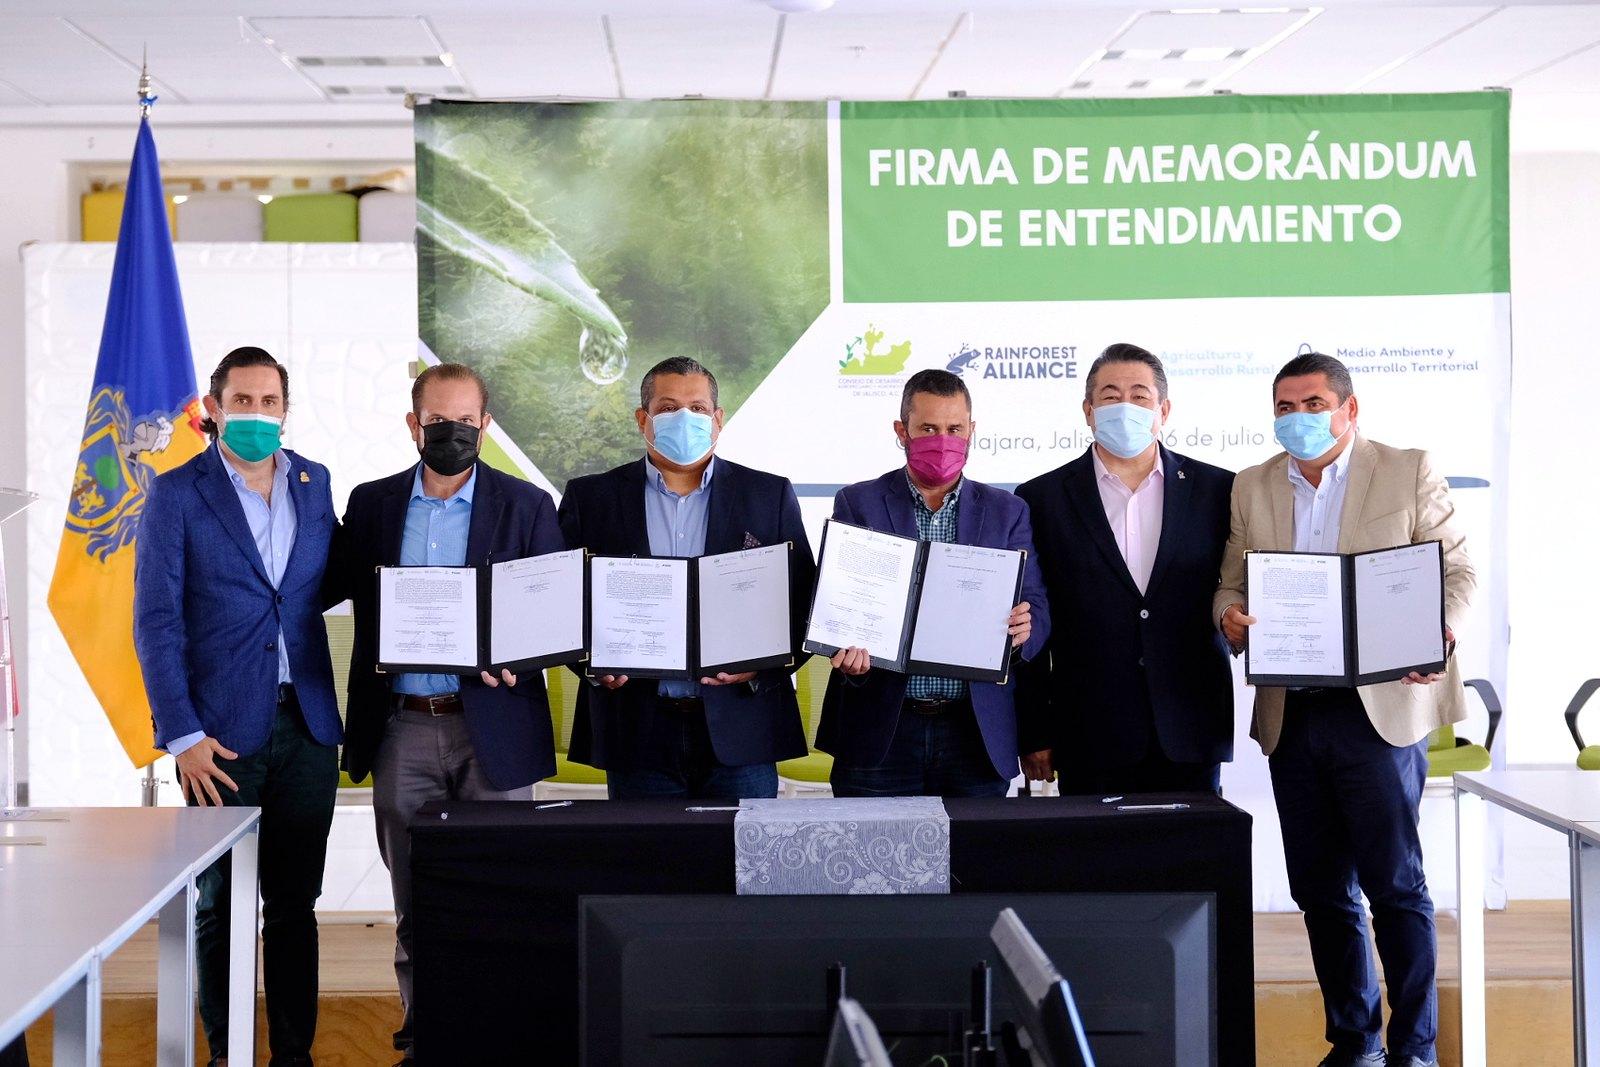 Participa Semadet y Sader en el Memorándum de Entendimiento  para impulsar la producción sustentable de Jalisco